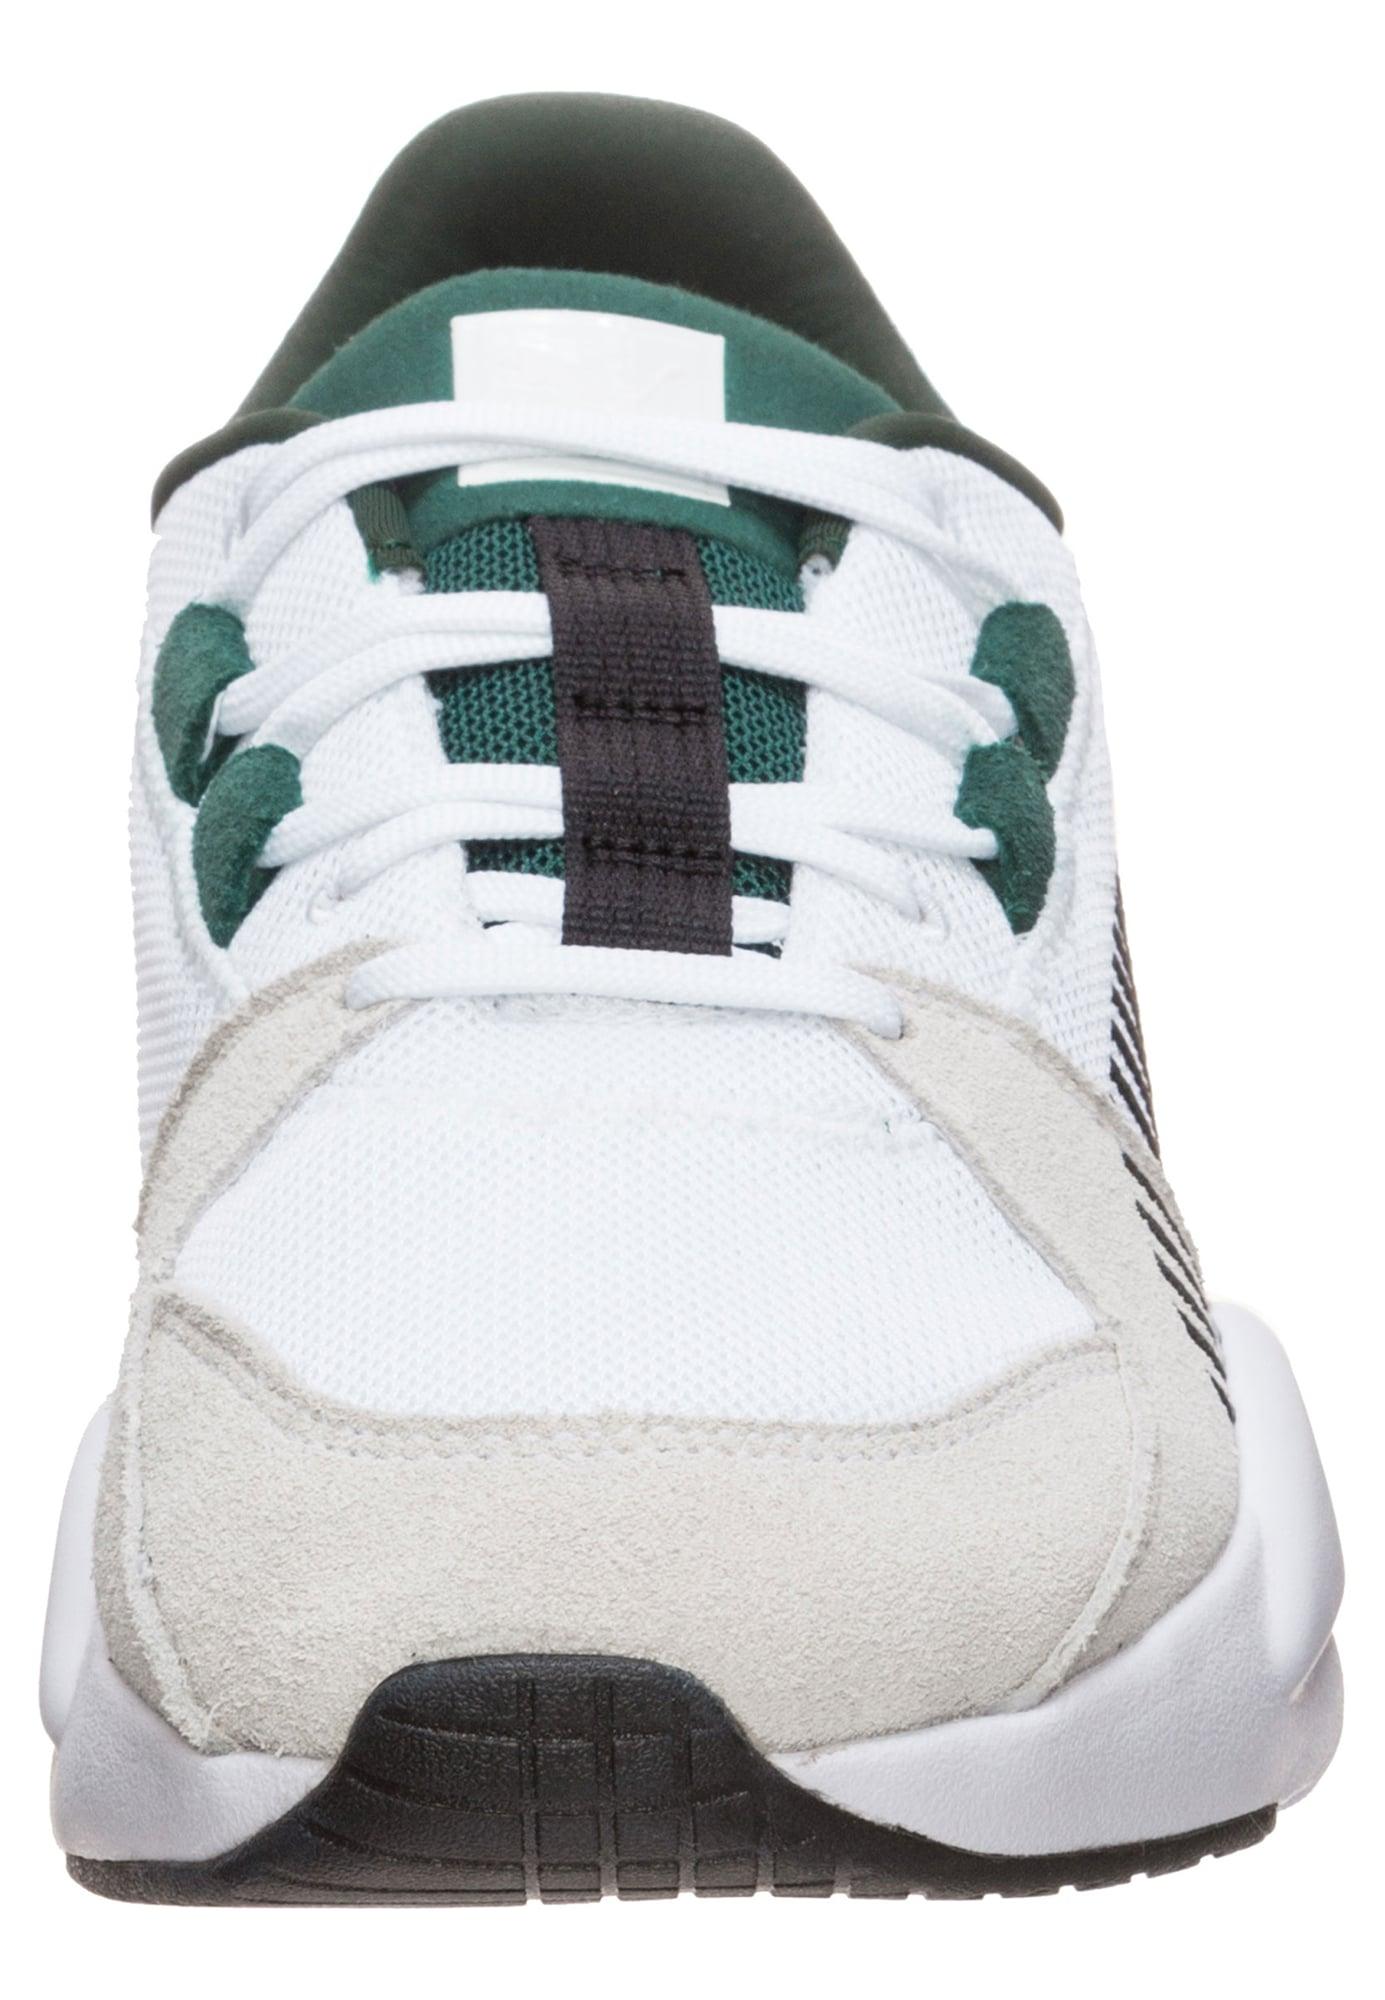 AboutYou | SALE Herren Puma Sneaker 'Zeta Suede' grün, olive